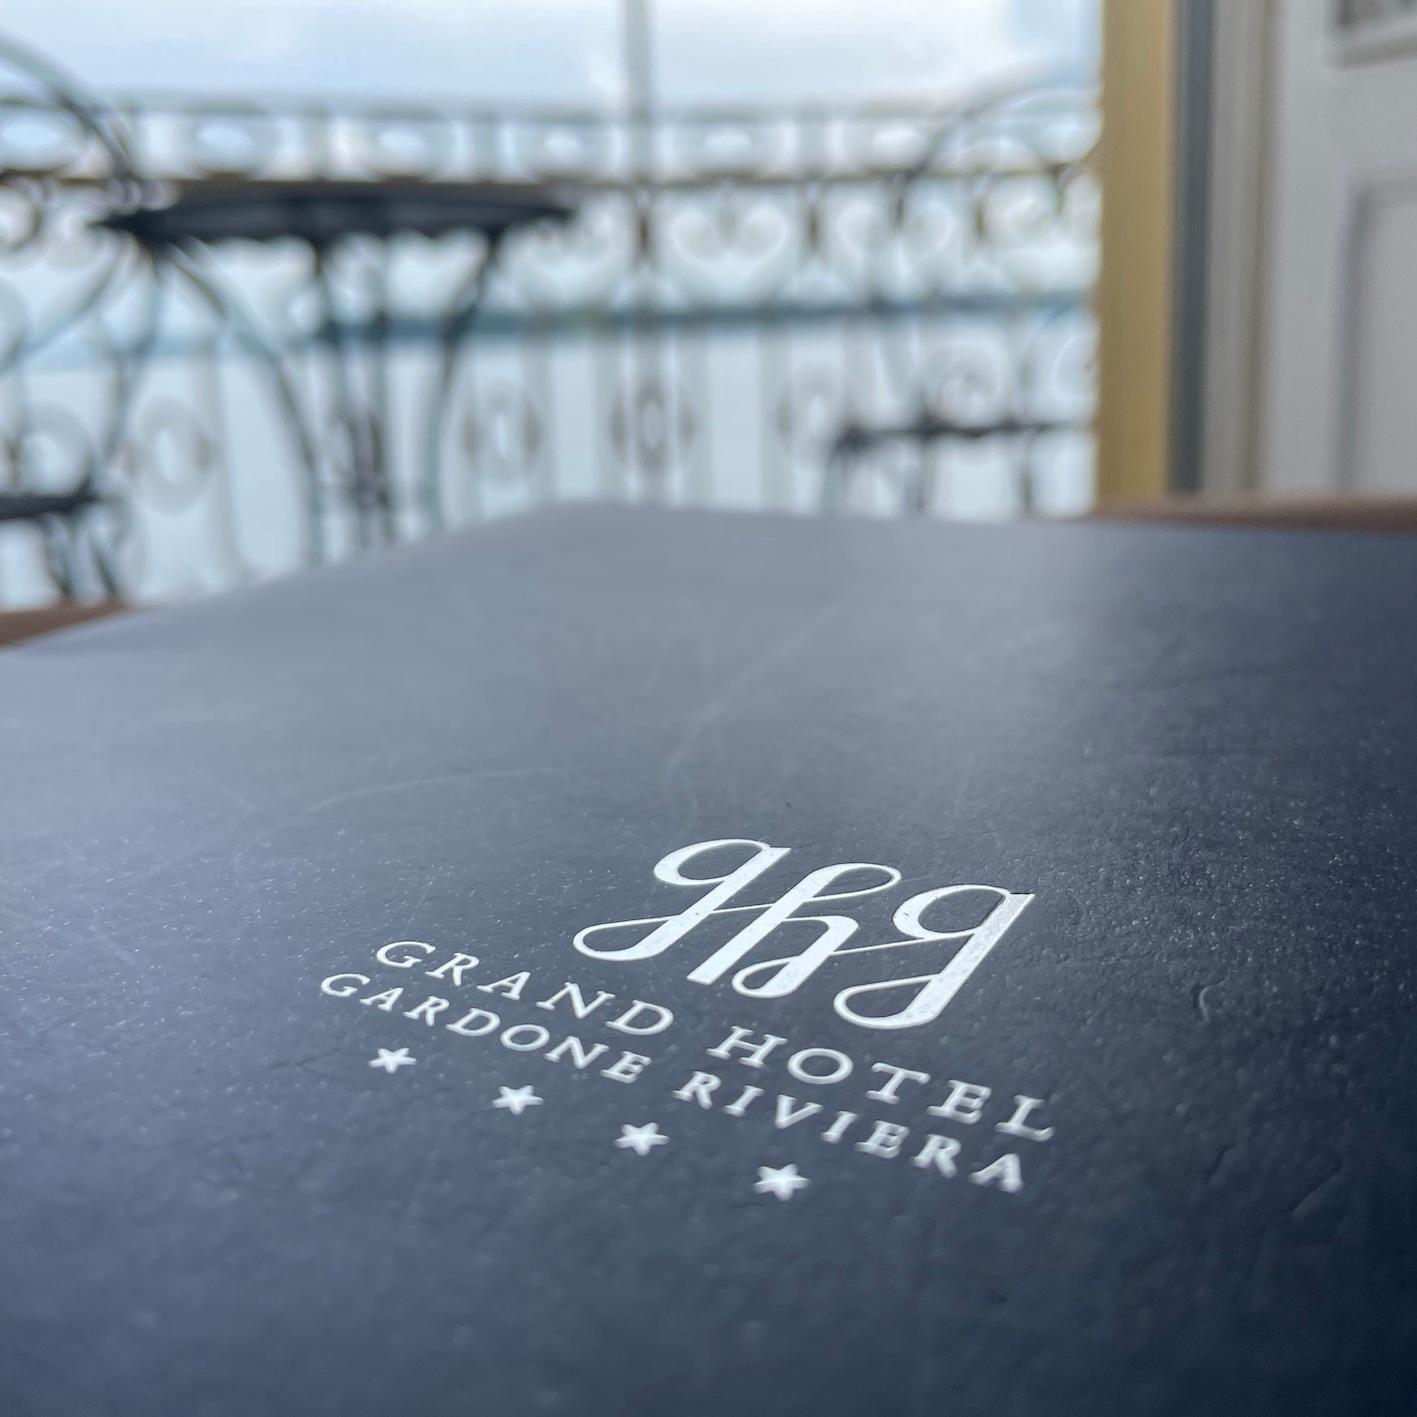 GRAND HOTEL GARDONE - mosi-unterwegs